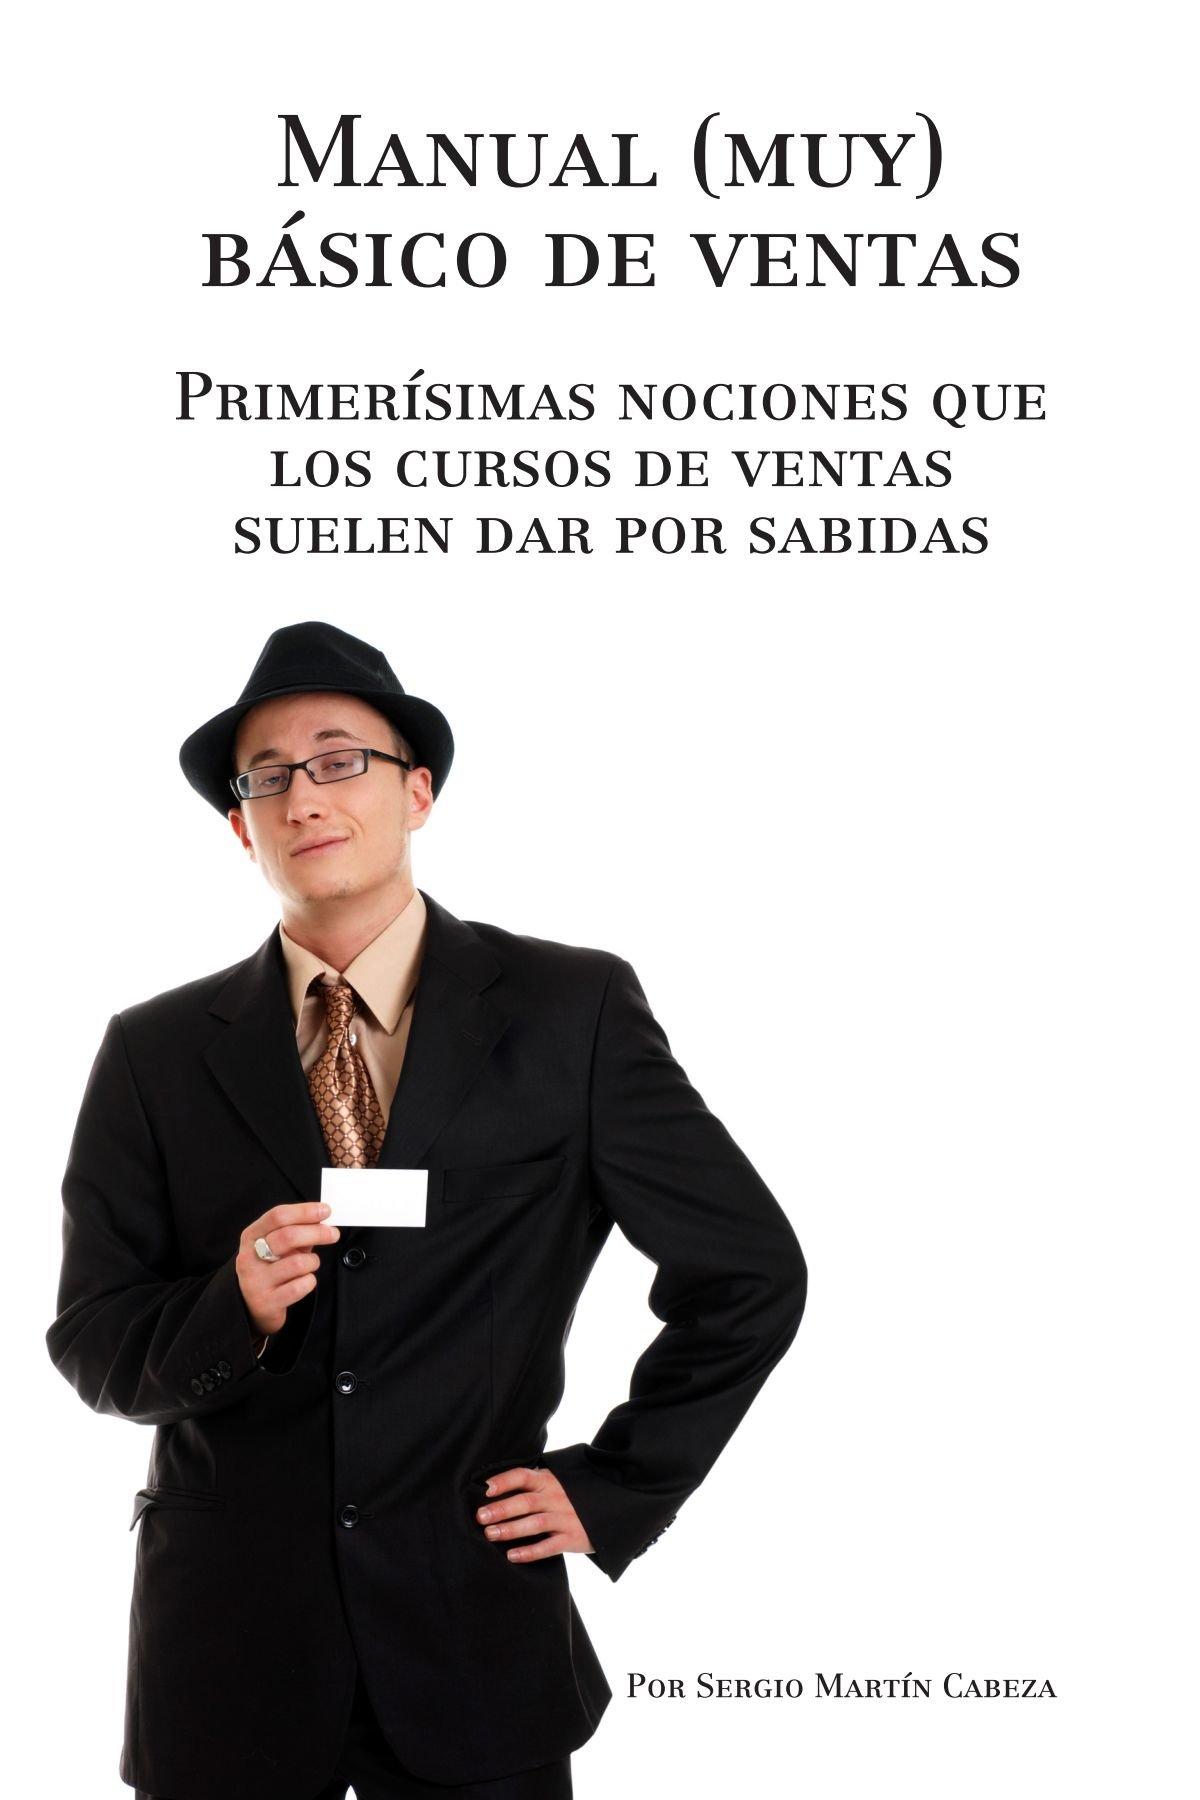 Read Online Manual (muy) básico de ventas (Spanish Edition) pdf